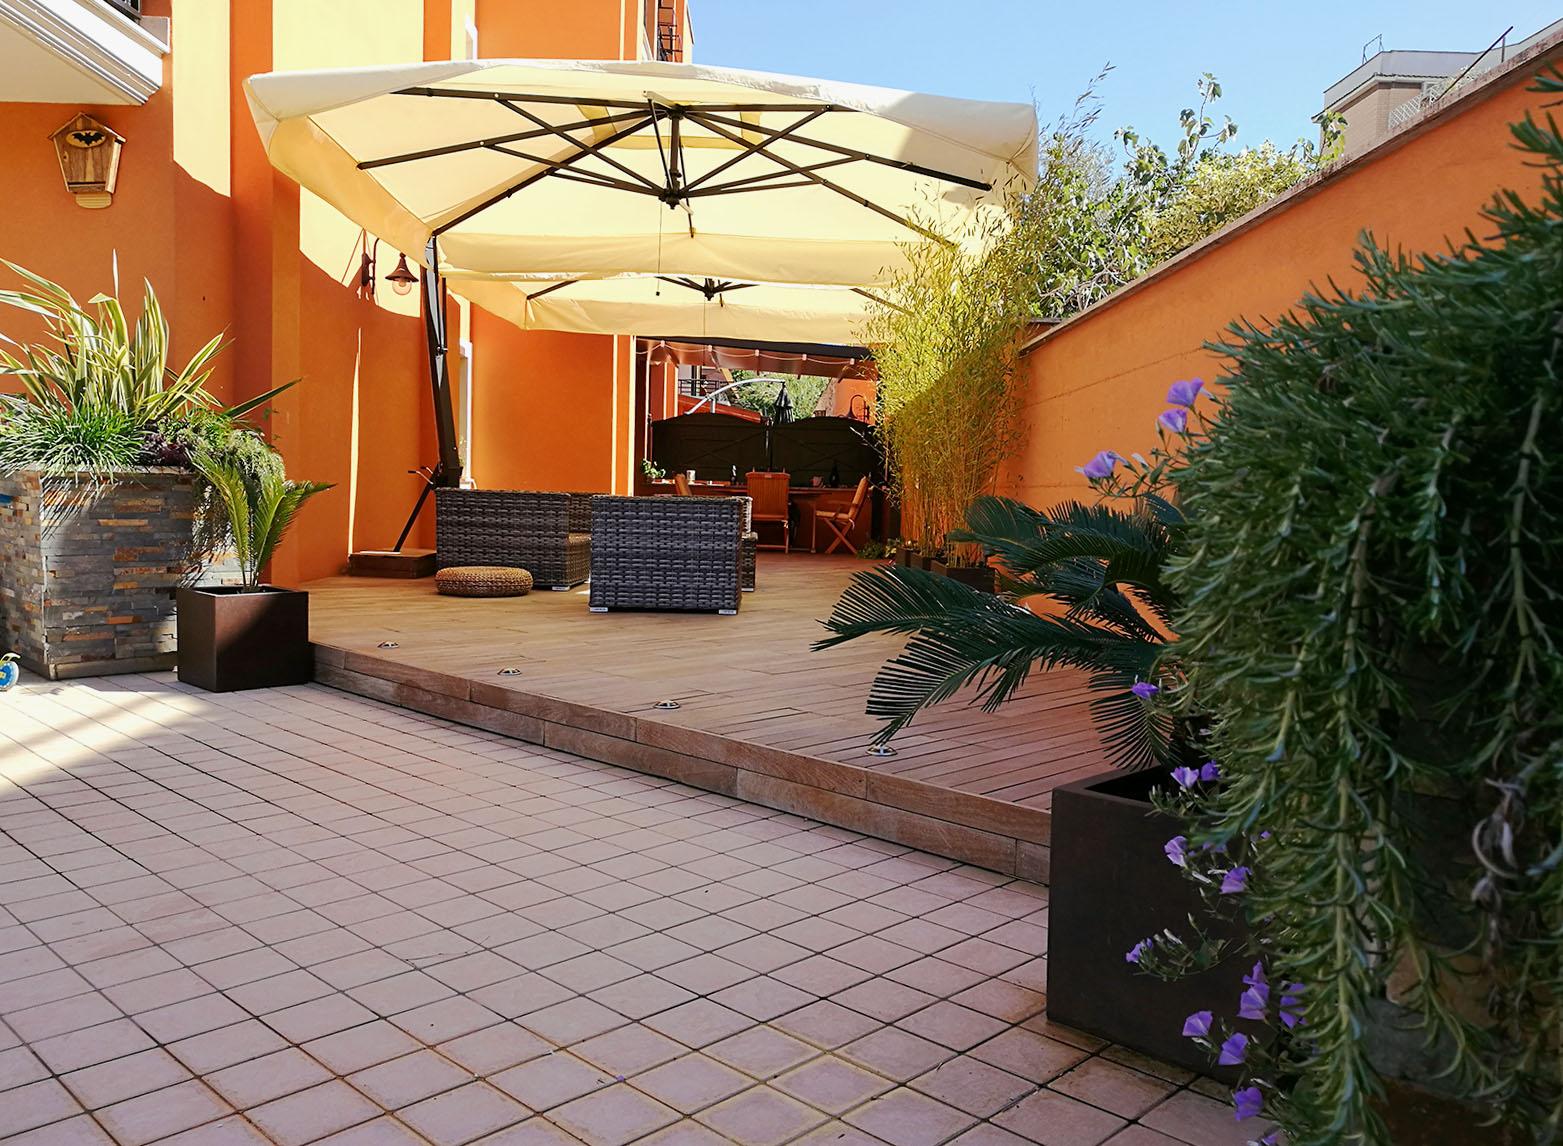 Progettazione Esterni Casa : Openspace architettura d esterni realizzazione giardini roma